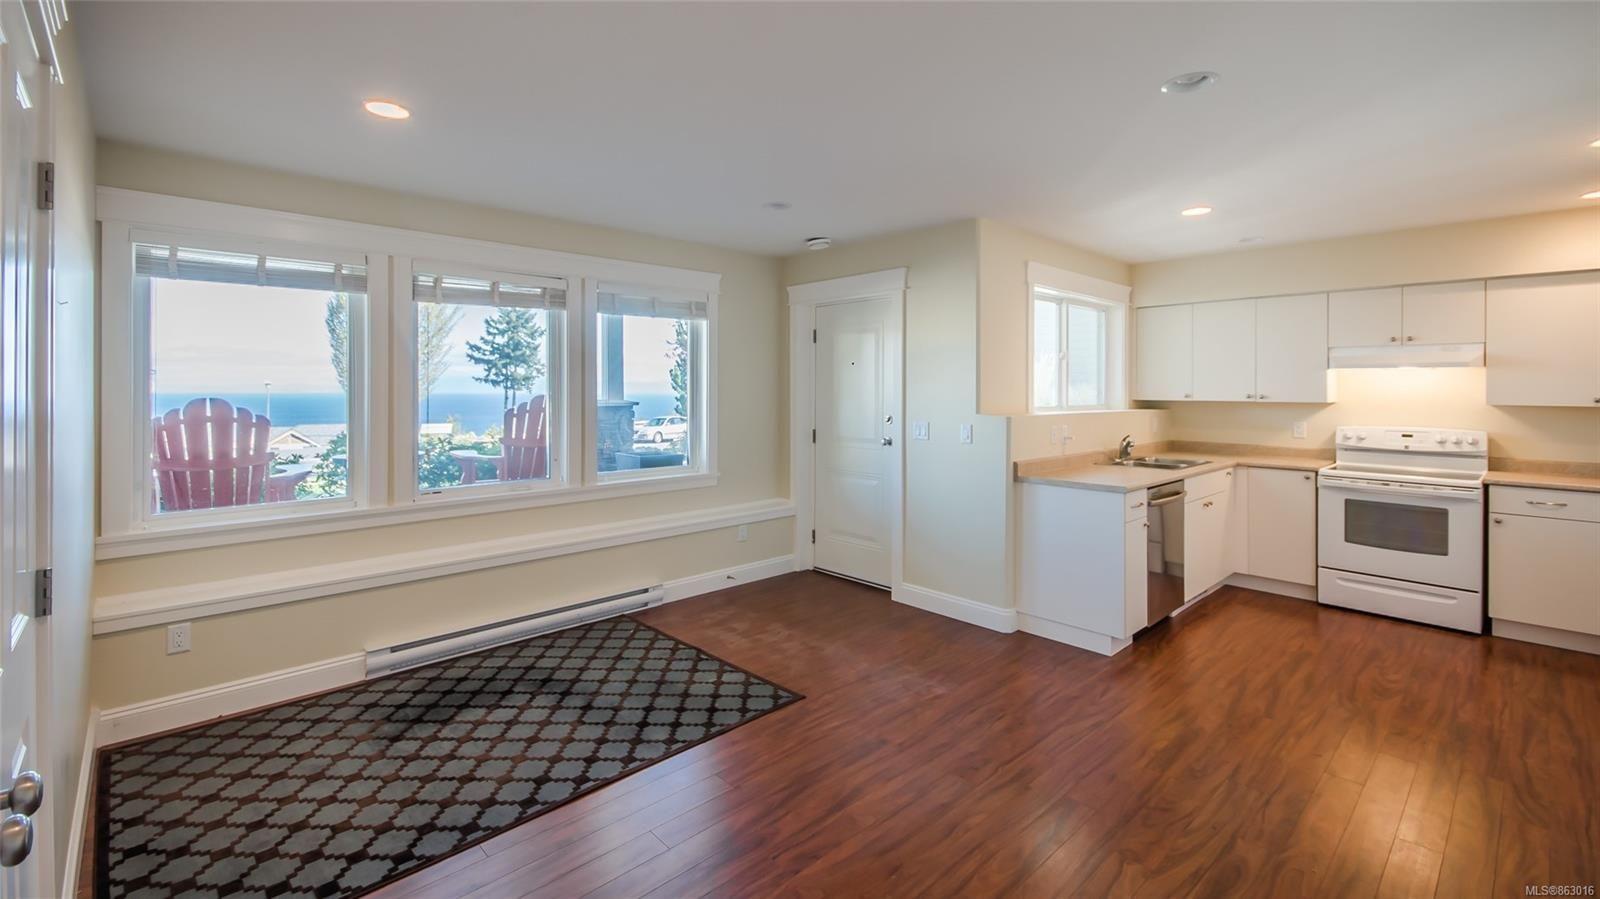 Photo 28: Photos: 5361 Laguna Way in : Na North Nanaimo House for sale (Nanaimo)  : MLS®# 863016